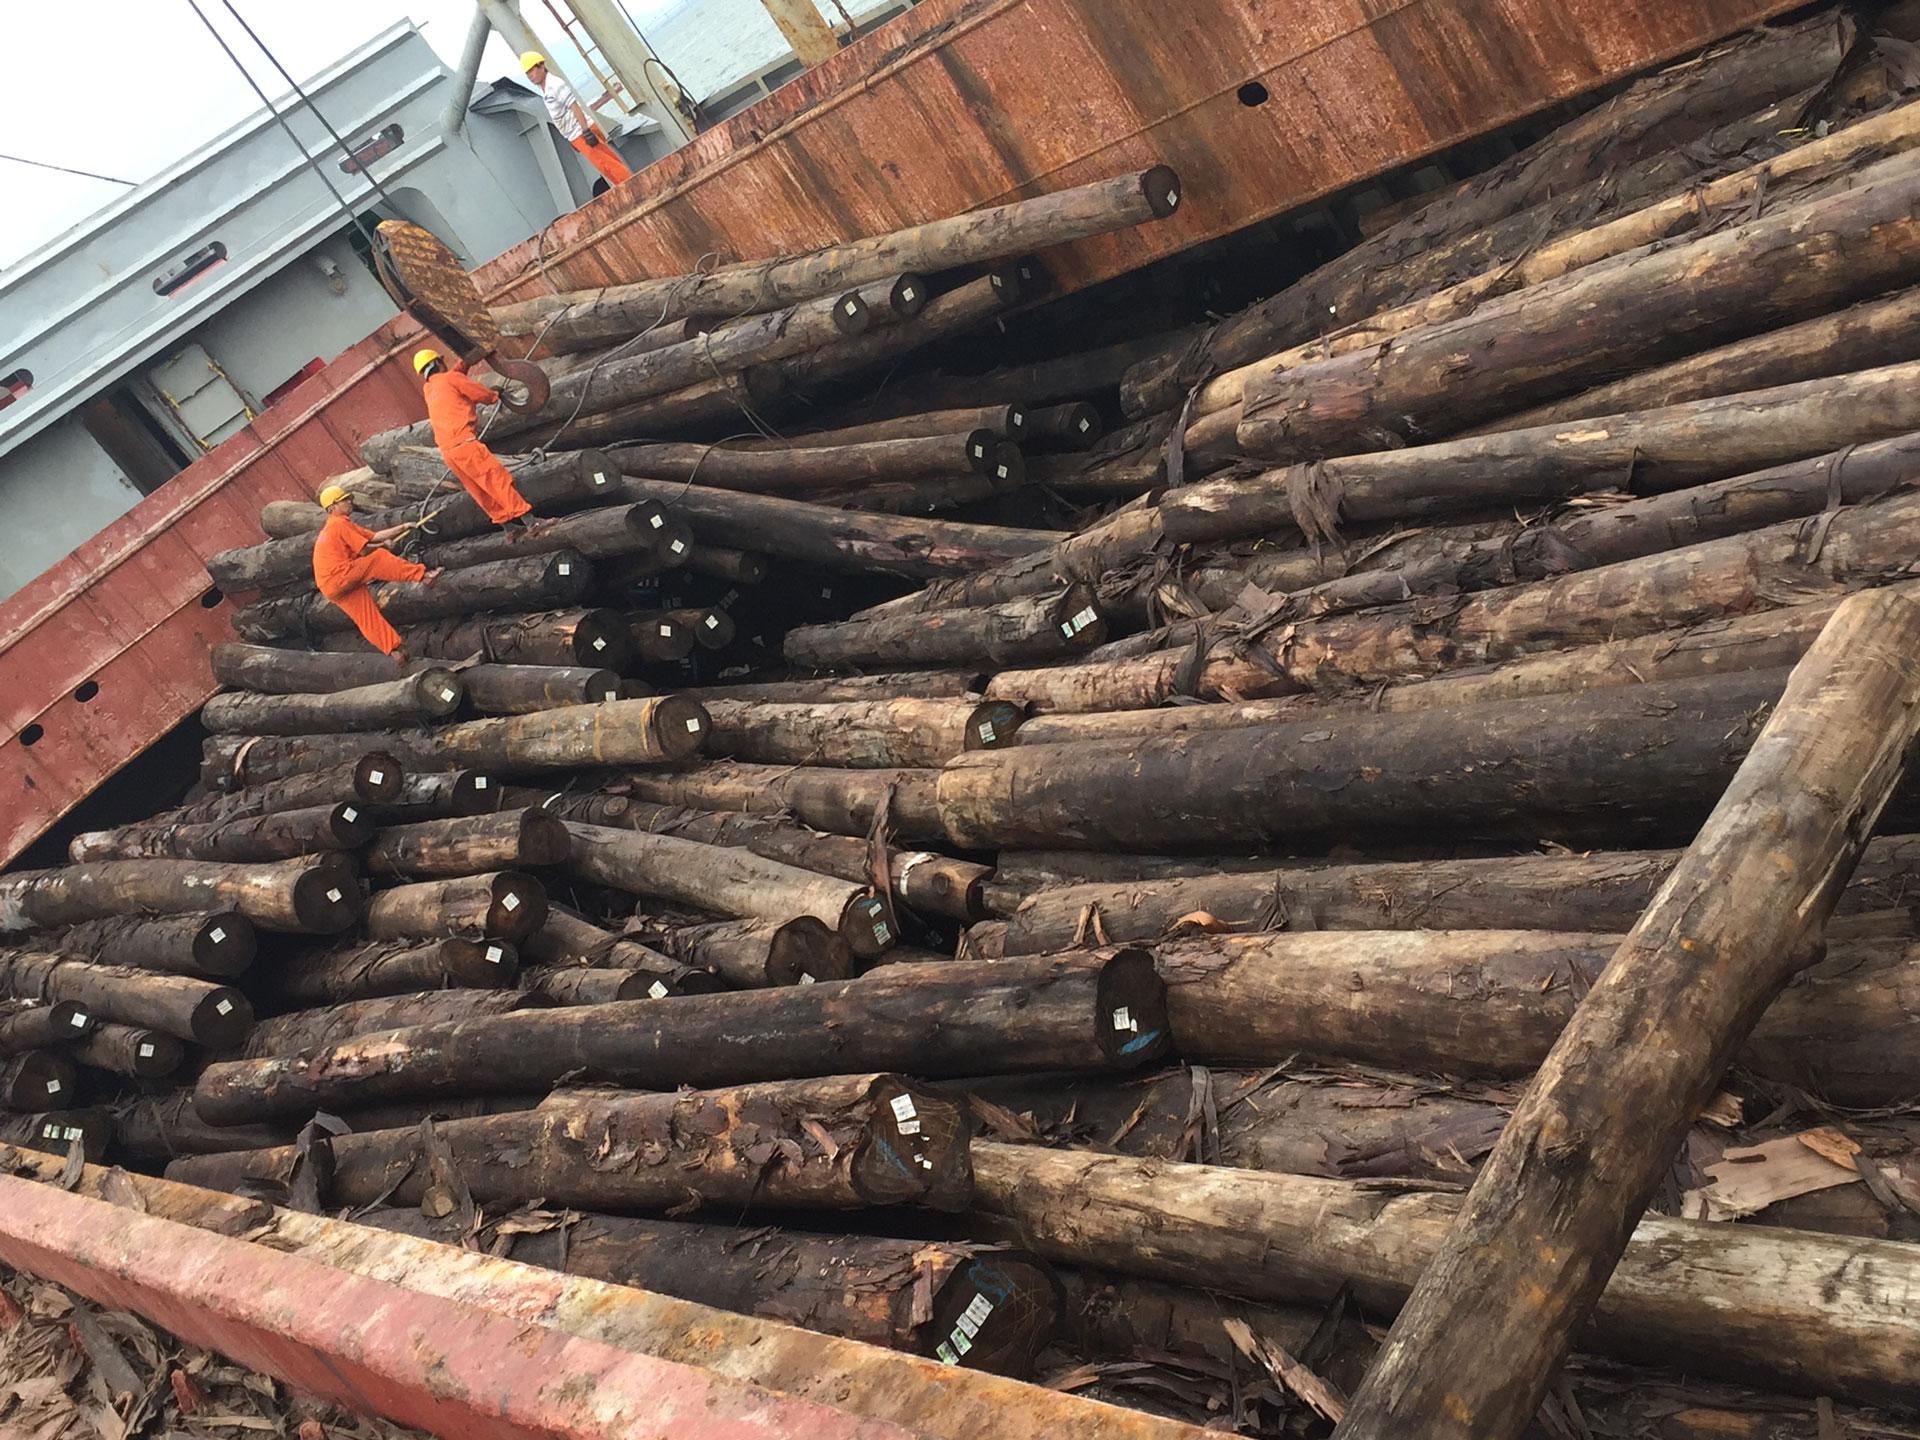 Dỡ gỗ tròn khỏi tàu